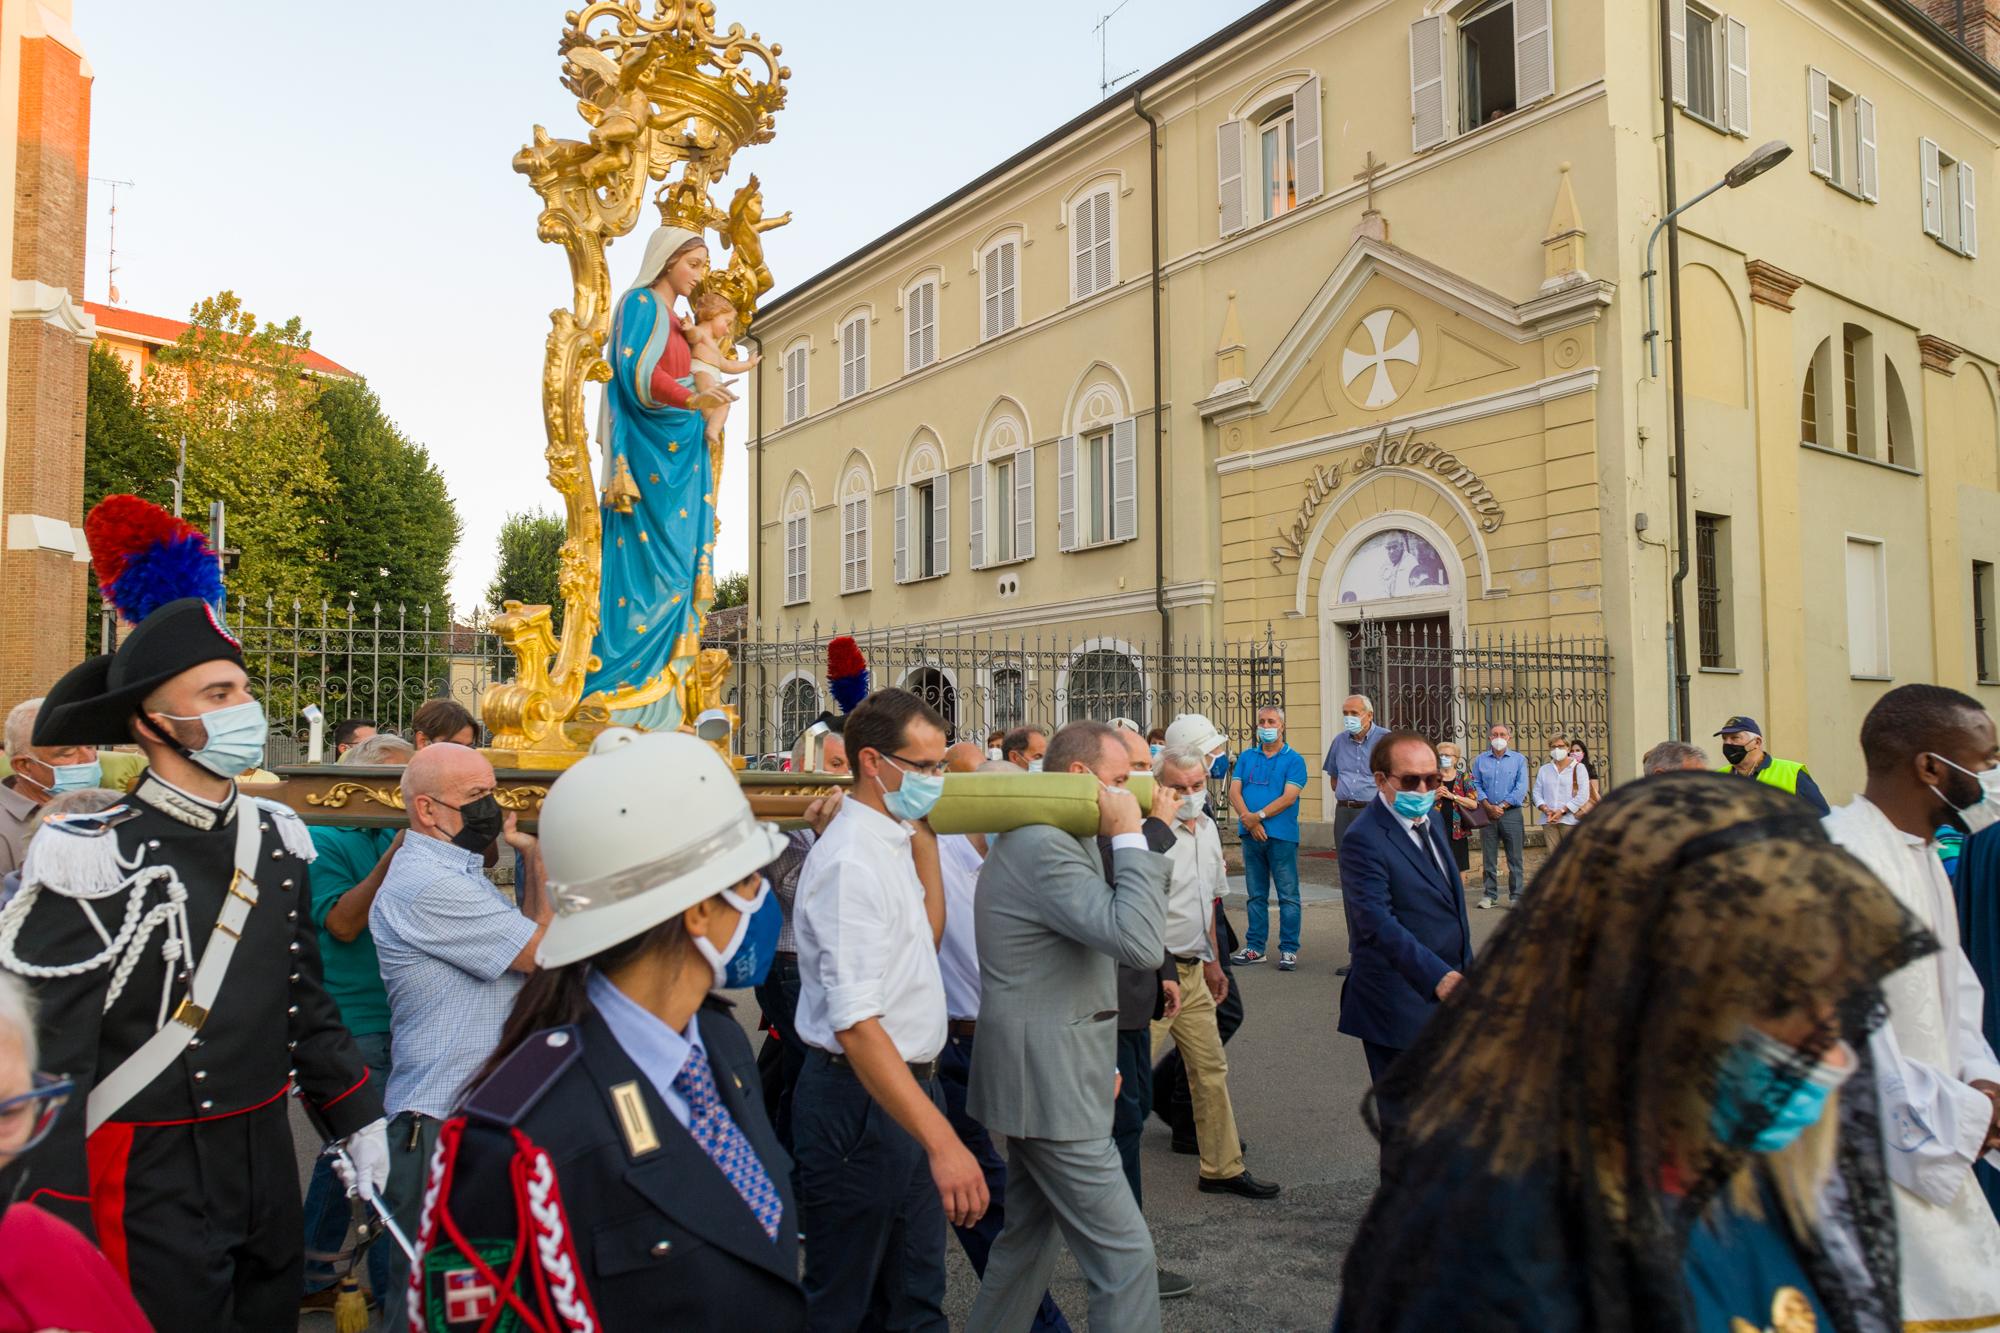 29-agosto-2021-Viola-17-e-processione-MdG-–-FOTO_mdg_-85